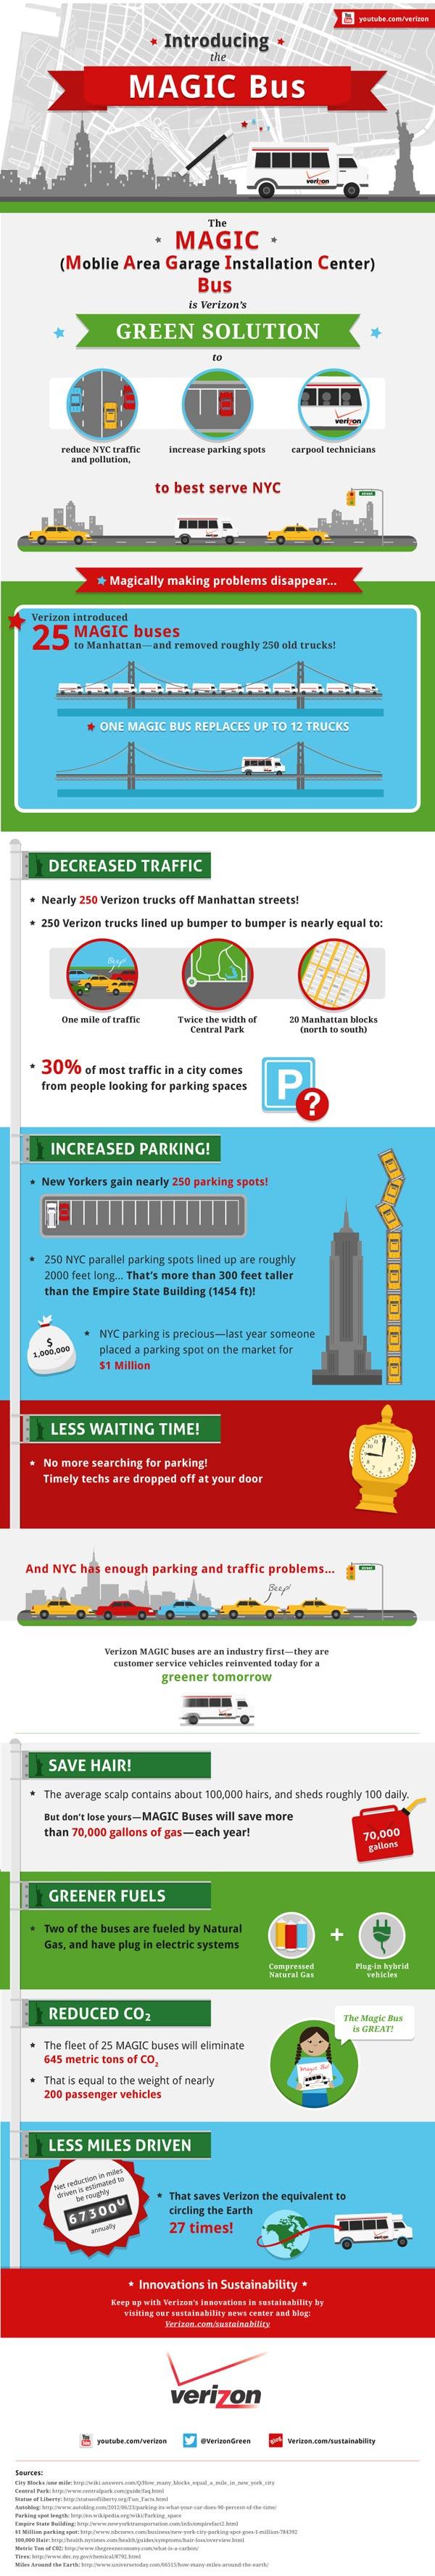 MAGIC Bus infographic